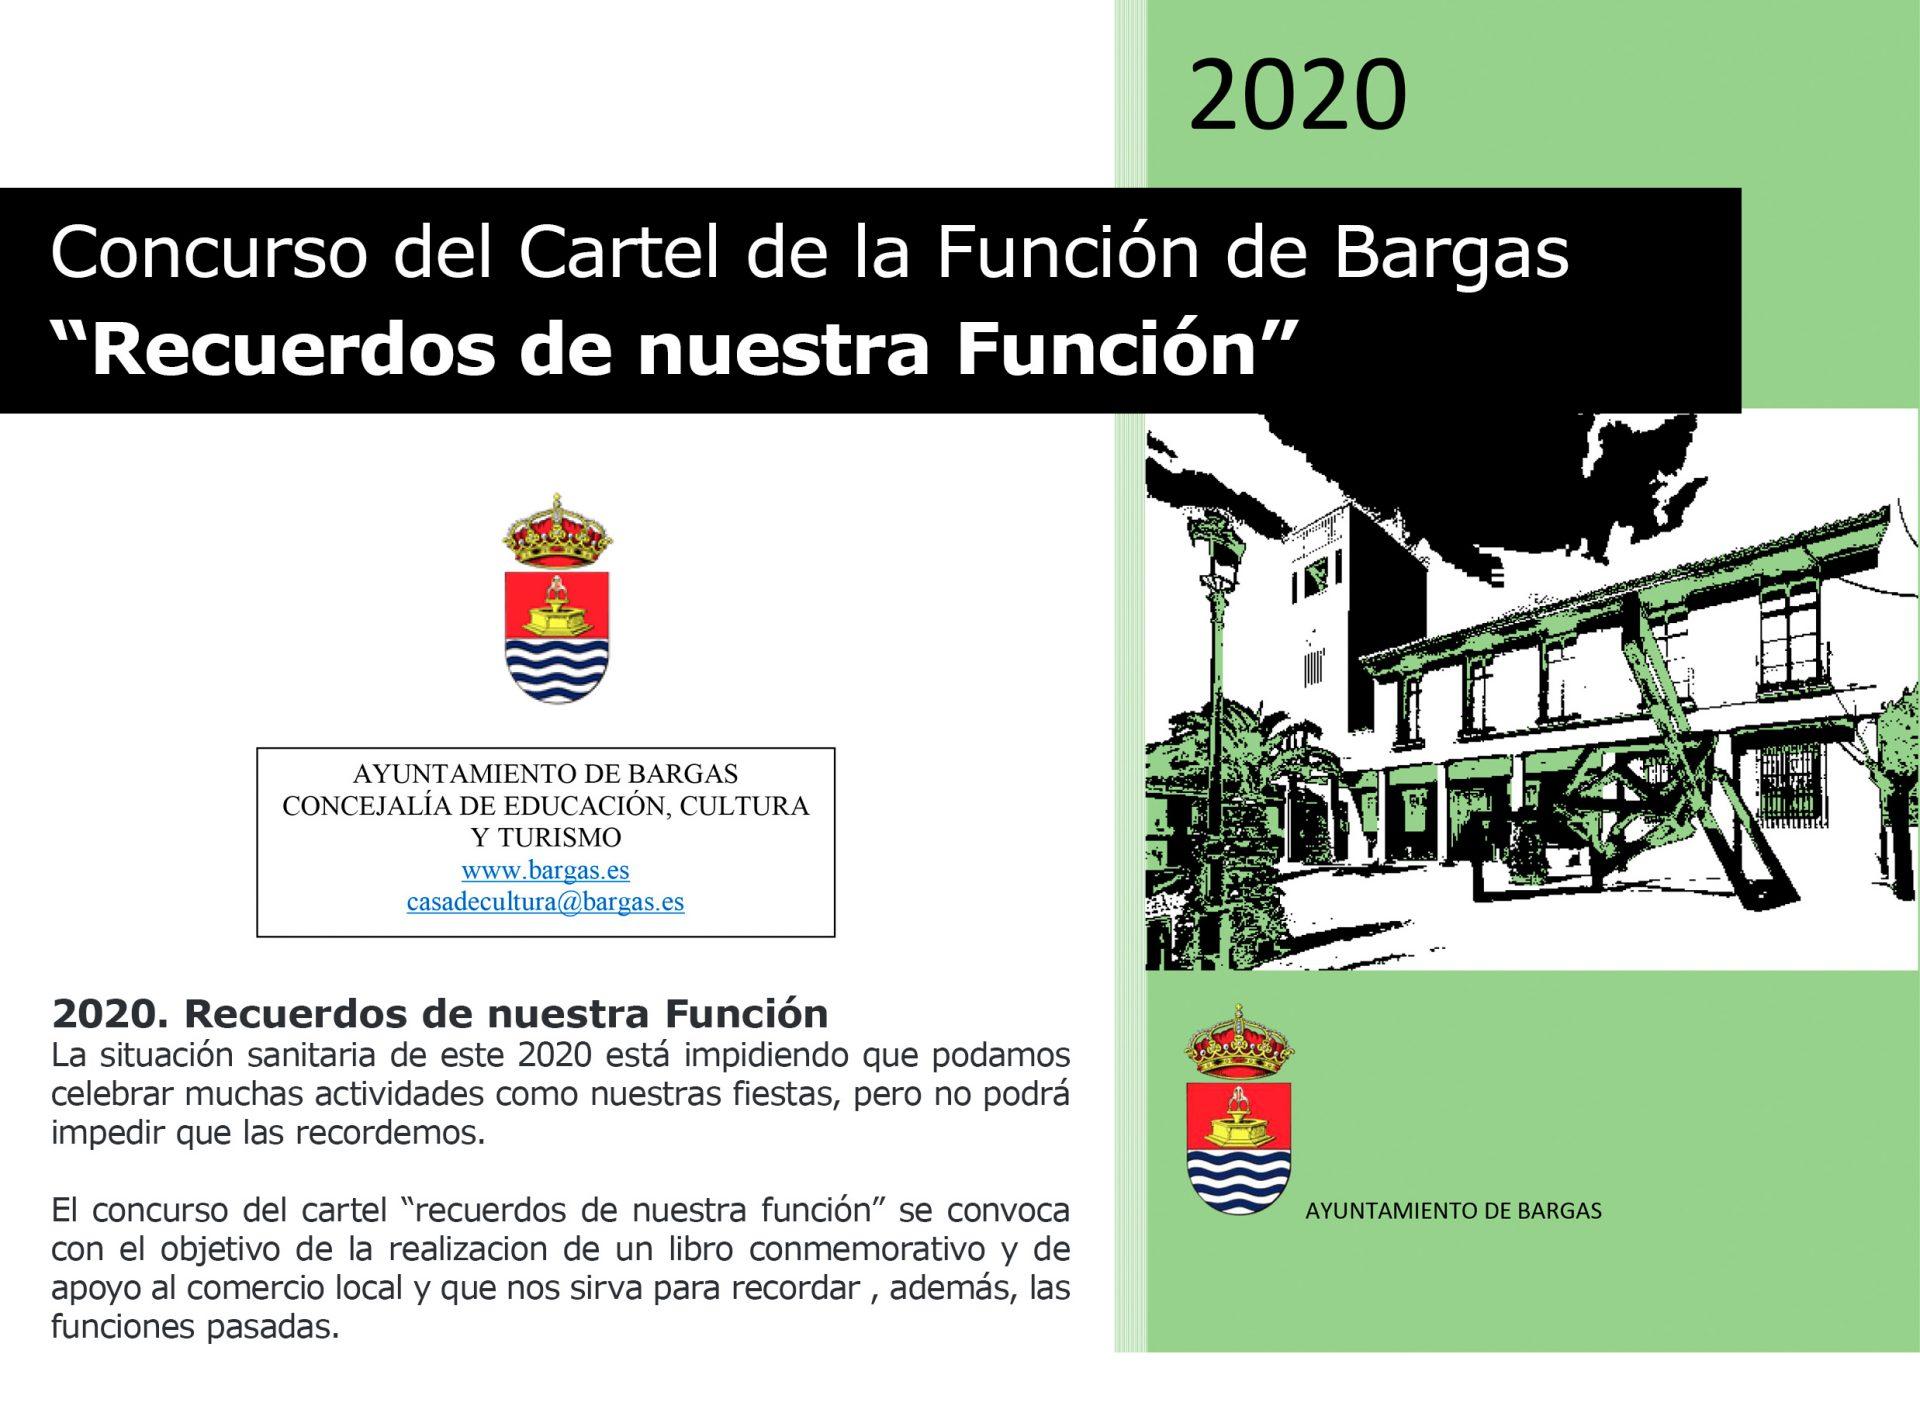 Concurso del Cartel de la Función 2020: «Recuerdos de nuestra Función»